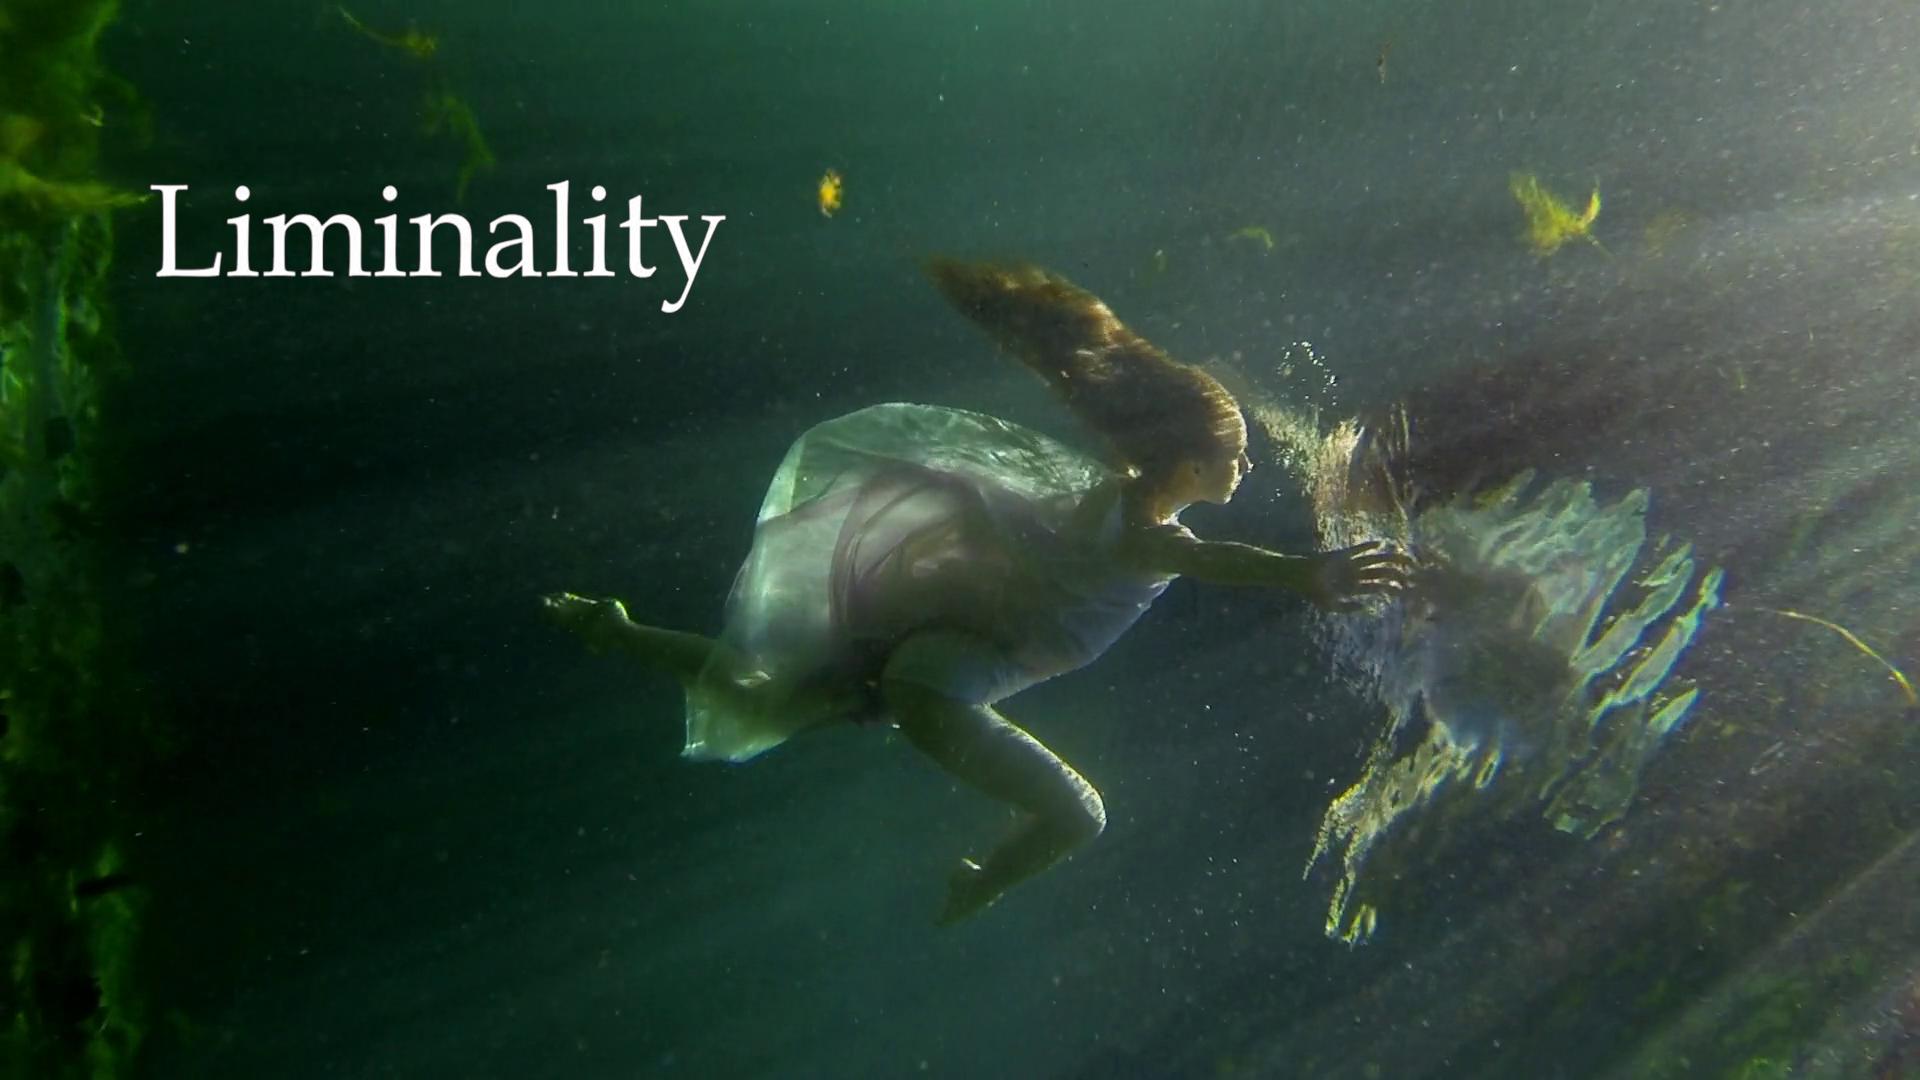 Liminality